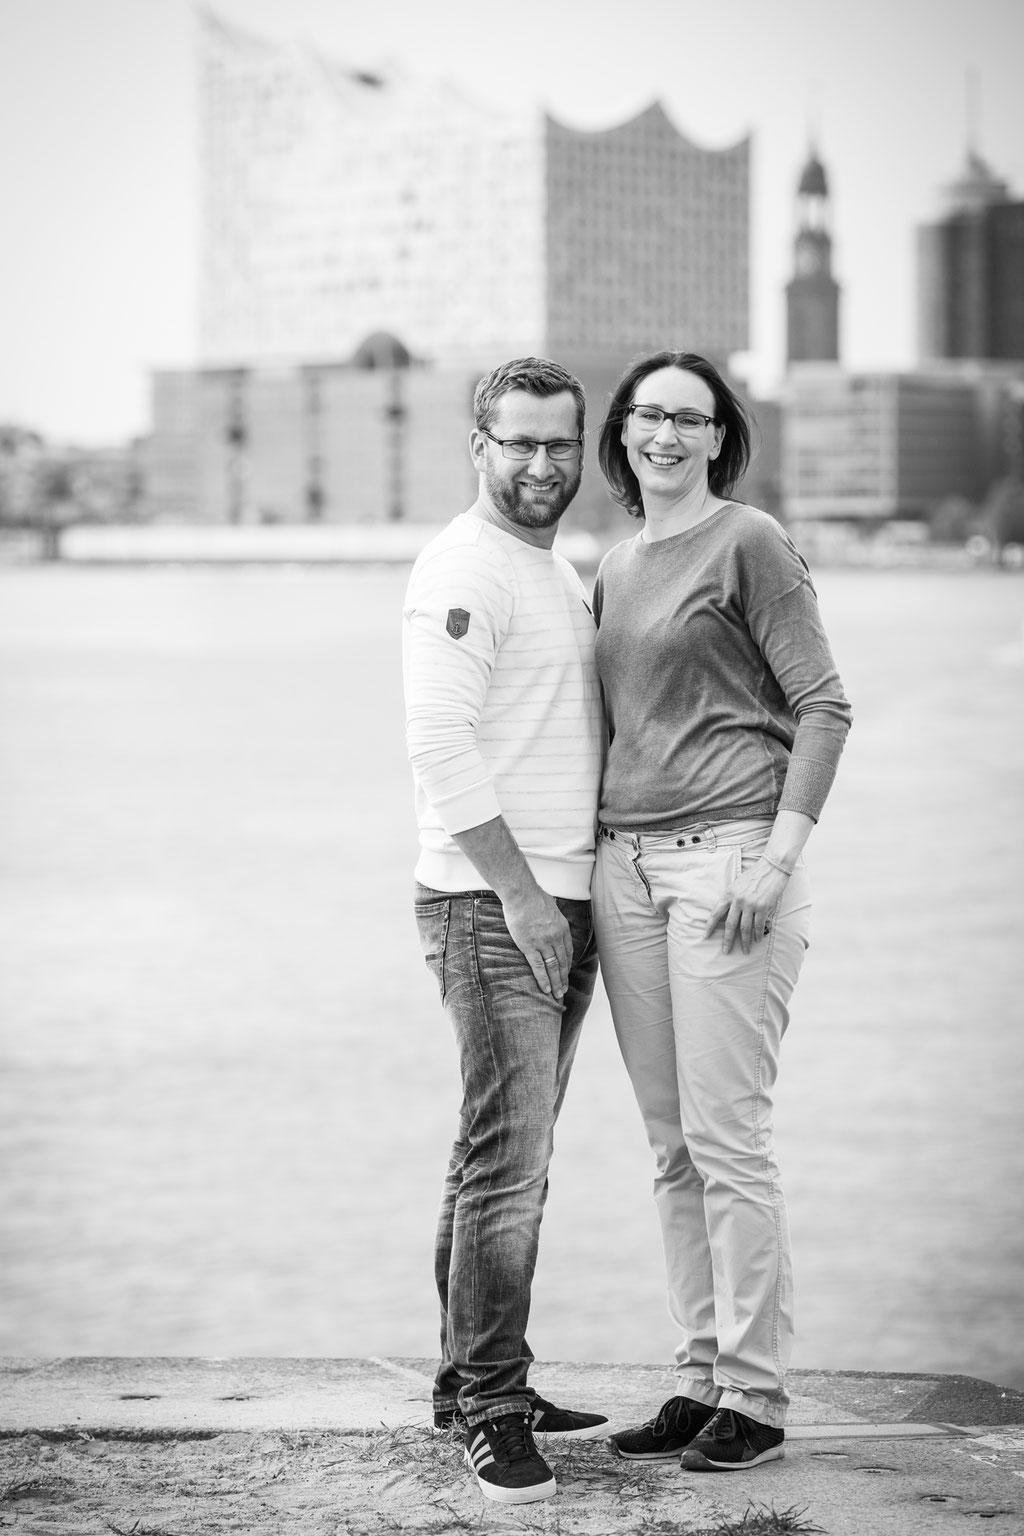 Emotionale Hochzeitsfotos - Kennnelern-Shooting im Hamburger Hafen